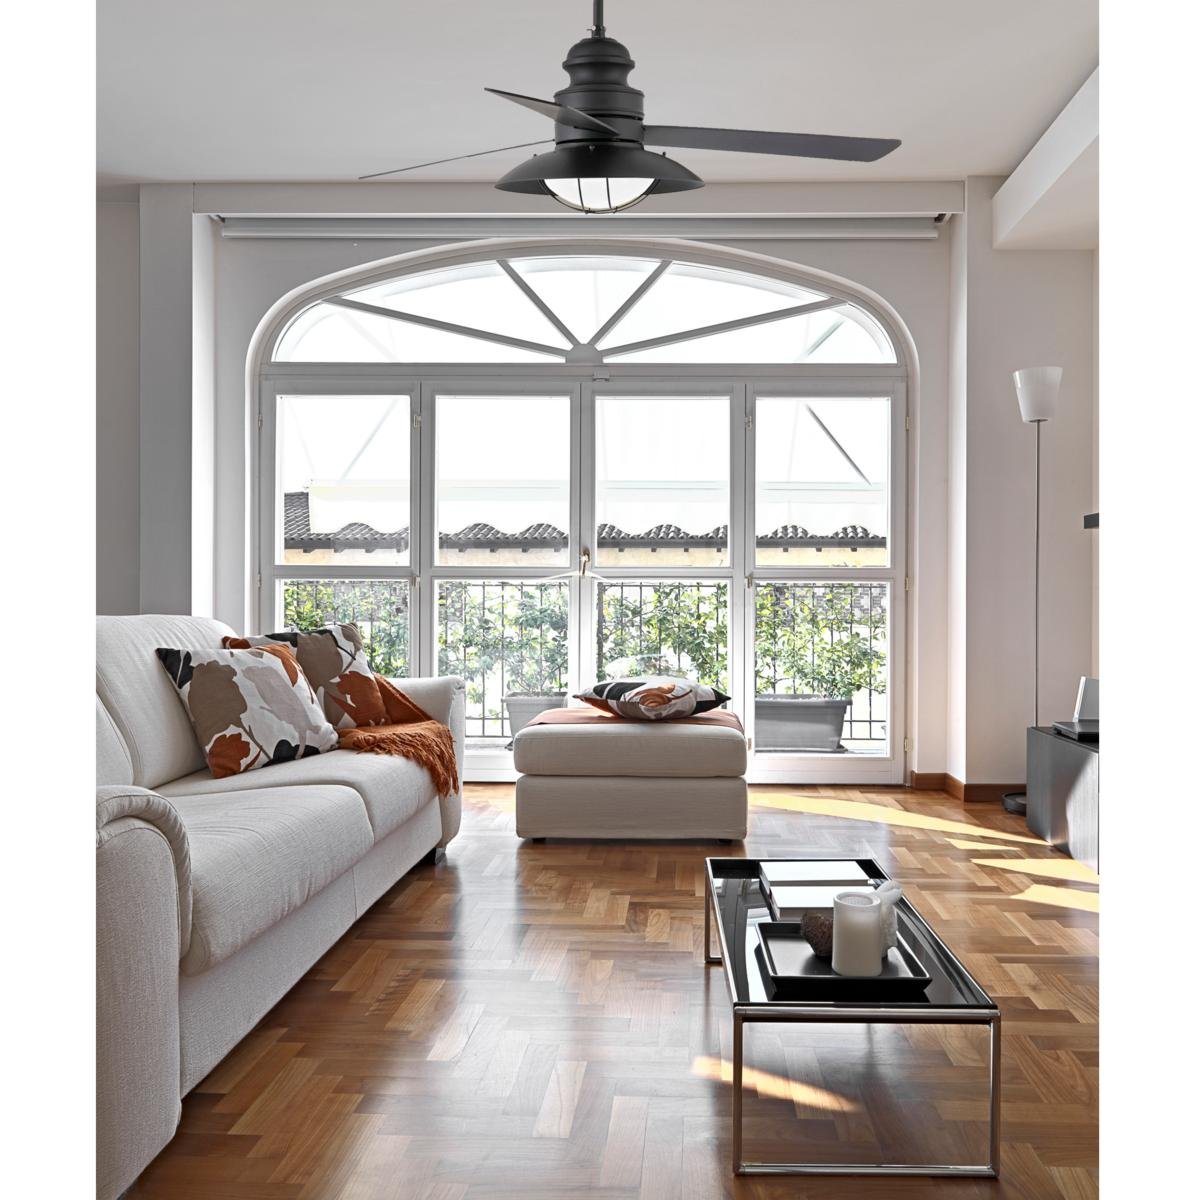 100 lustre ventilateur conforama luminaire chambre for Formation design interieur quebec